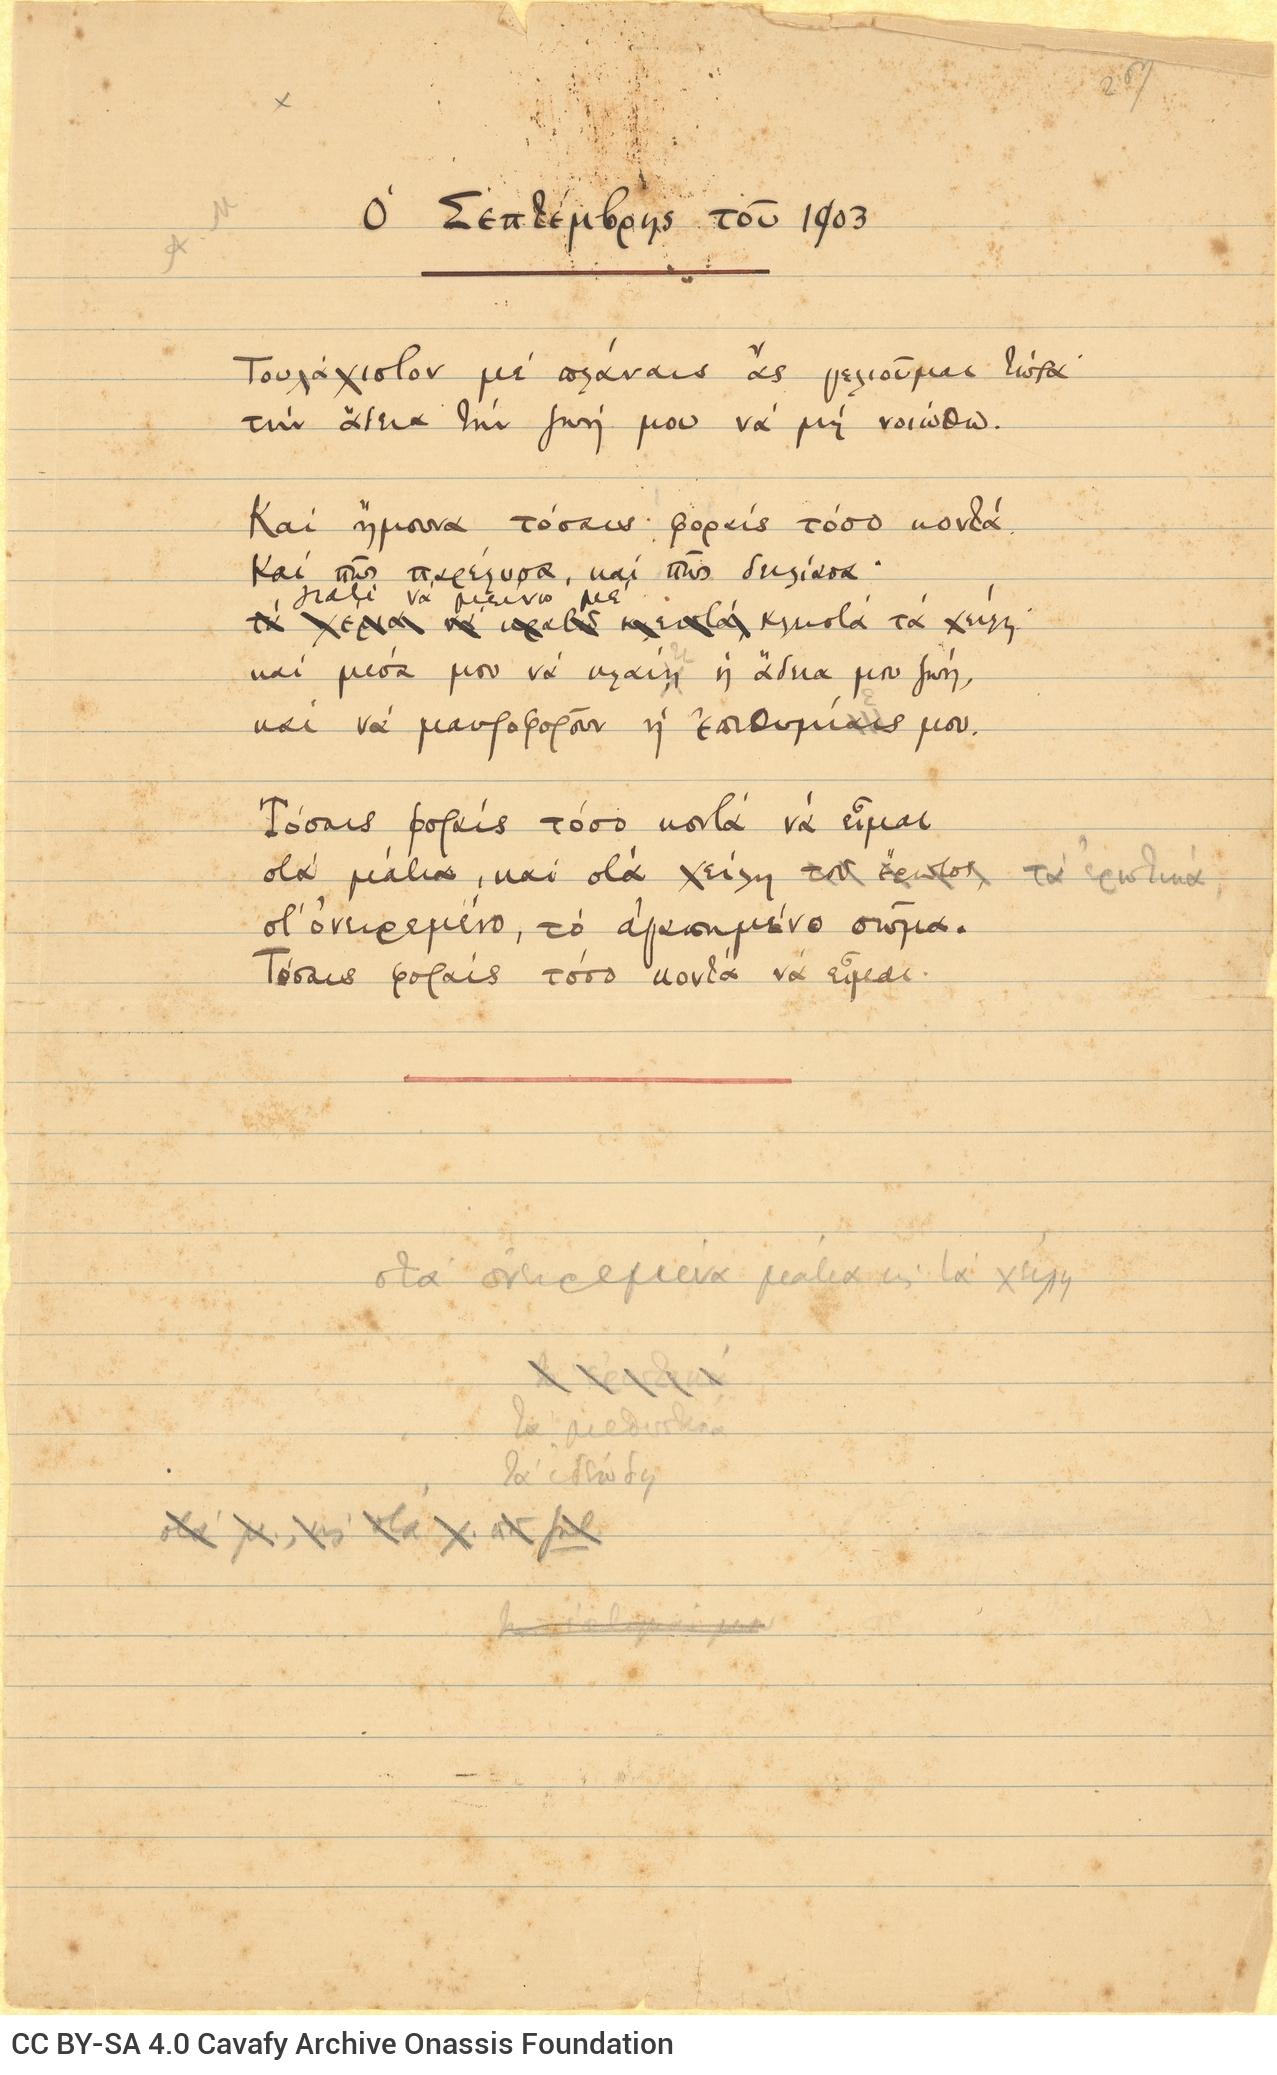 Χειρόγραφο του ποιήματος «Ο Σεπτέμβρης του 1903» και σημειώσεις στο